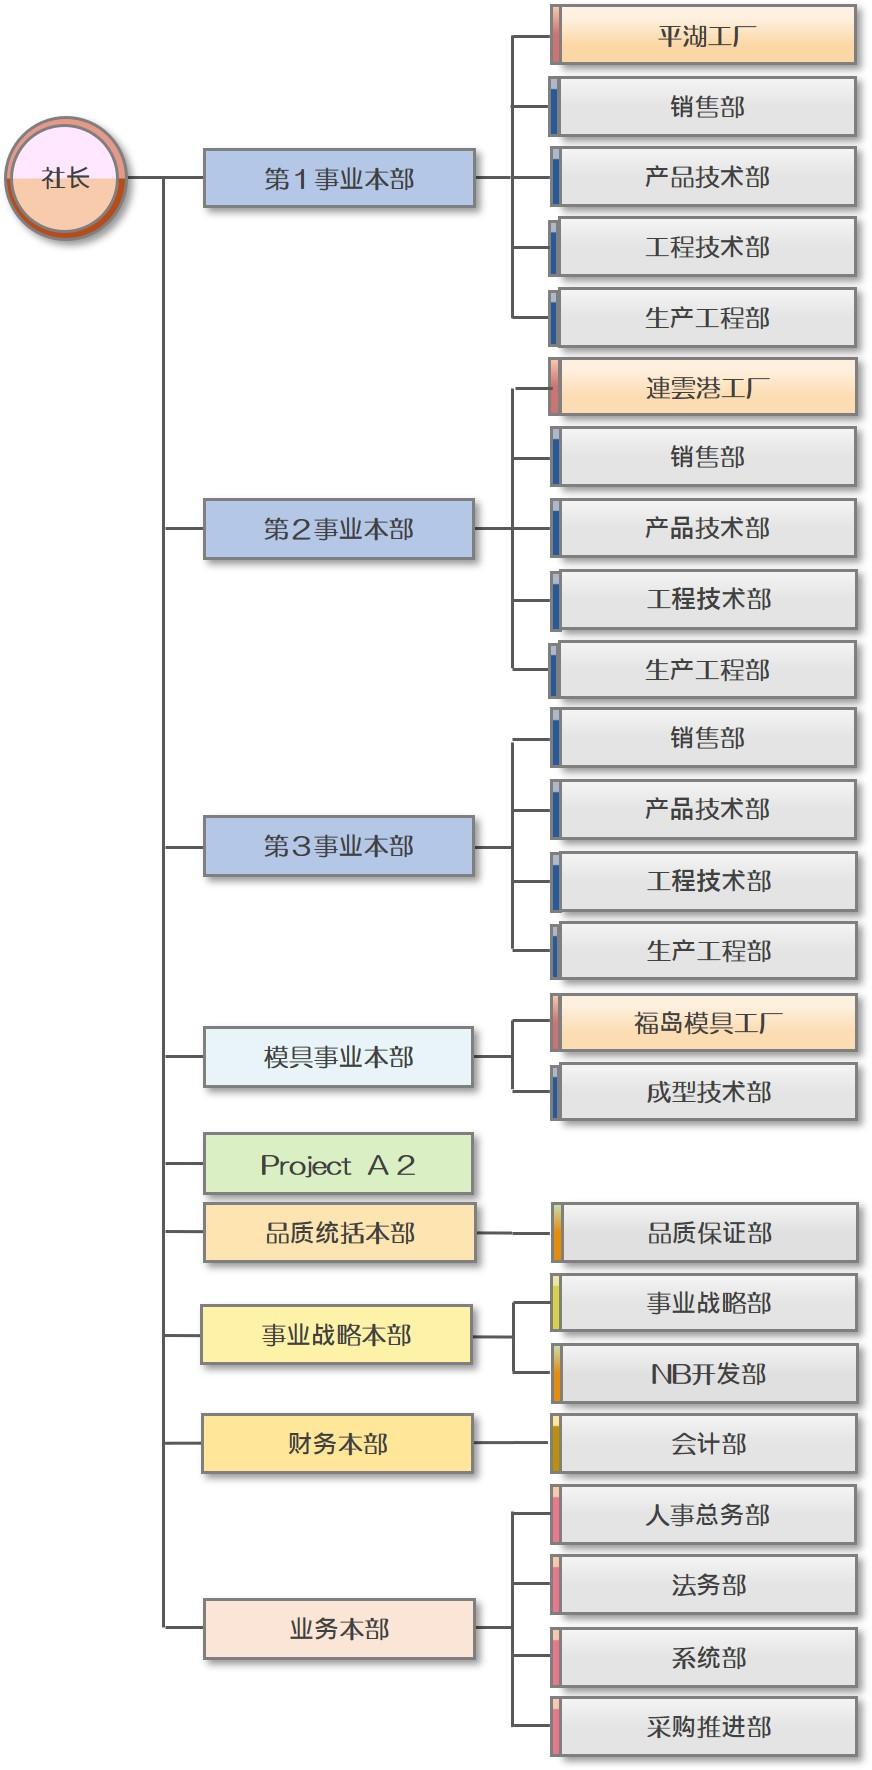 http://kantatsu.co.jp/cn/guide/img/HP%E7%B5%84%E7%B9%94%E5%9B%B3%28%E4%B8%AD%E6%96%87%292020.4.1%E5%85%AC%E9%96%8B.jpg